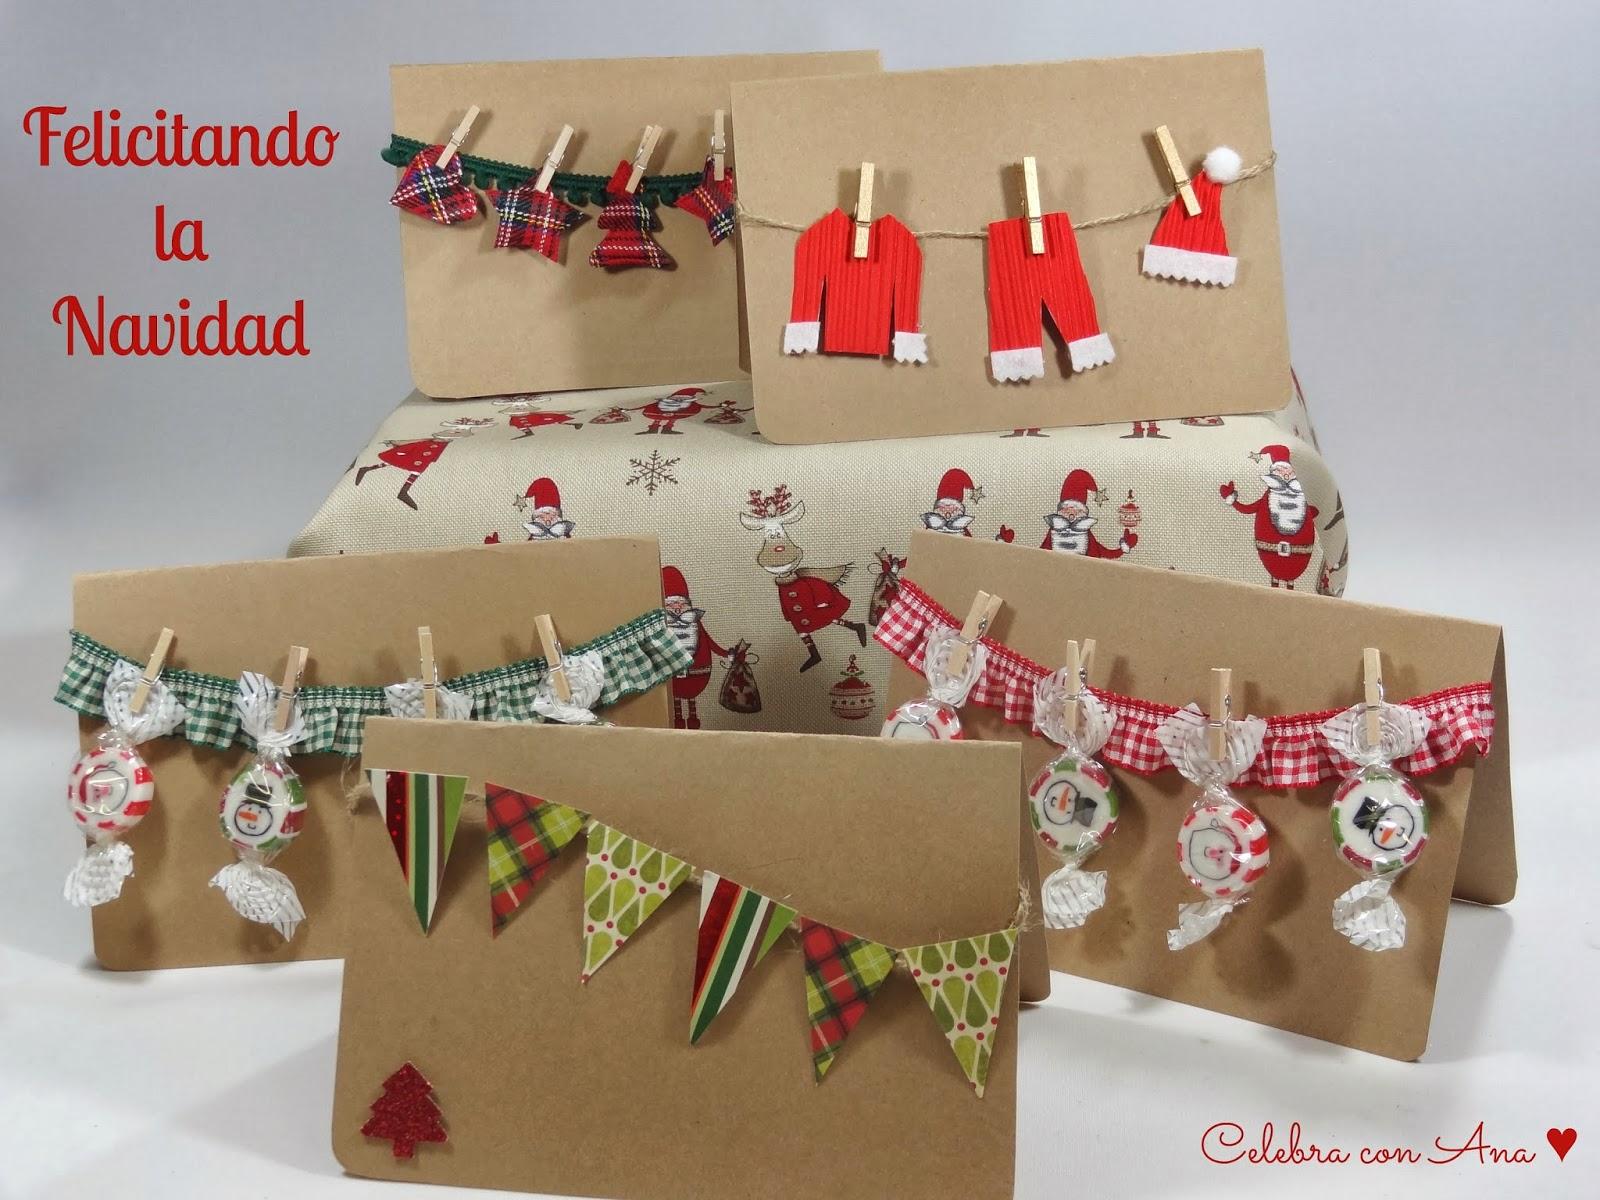 Celebra con ana compartiendo experiencias creativas - Postales navidenas para hacer ...